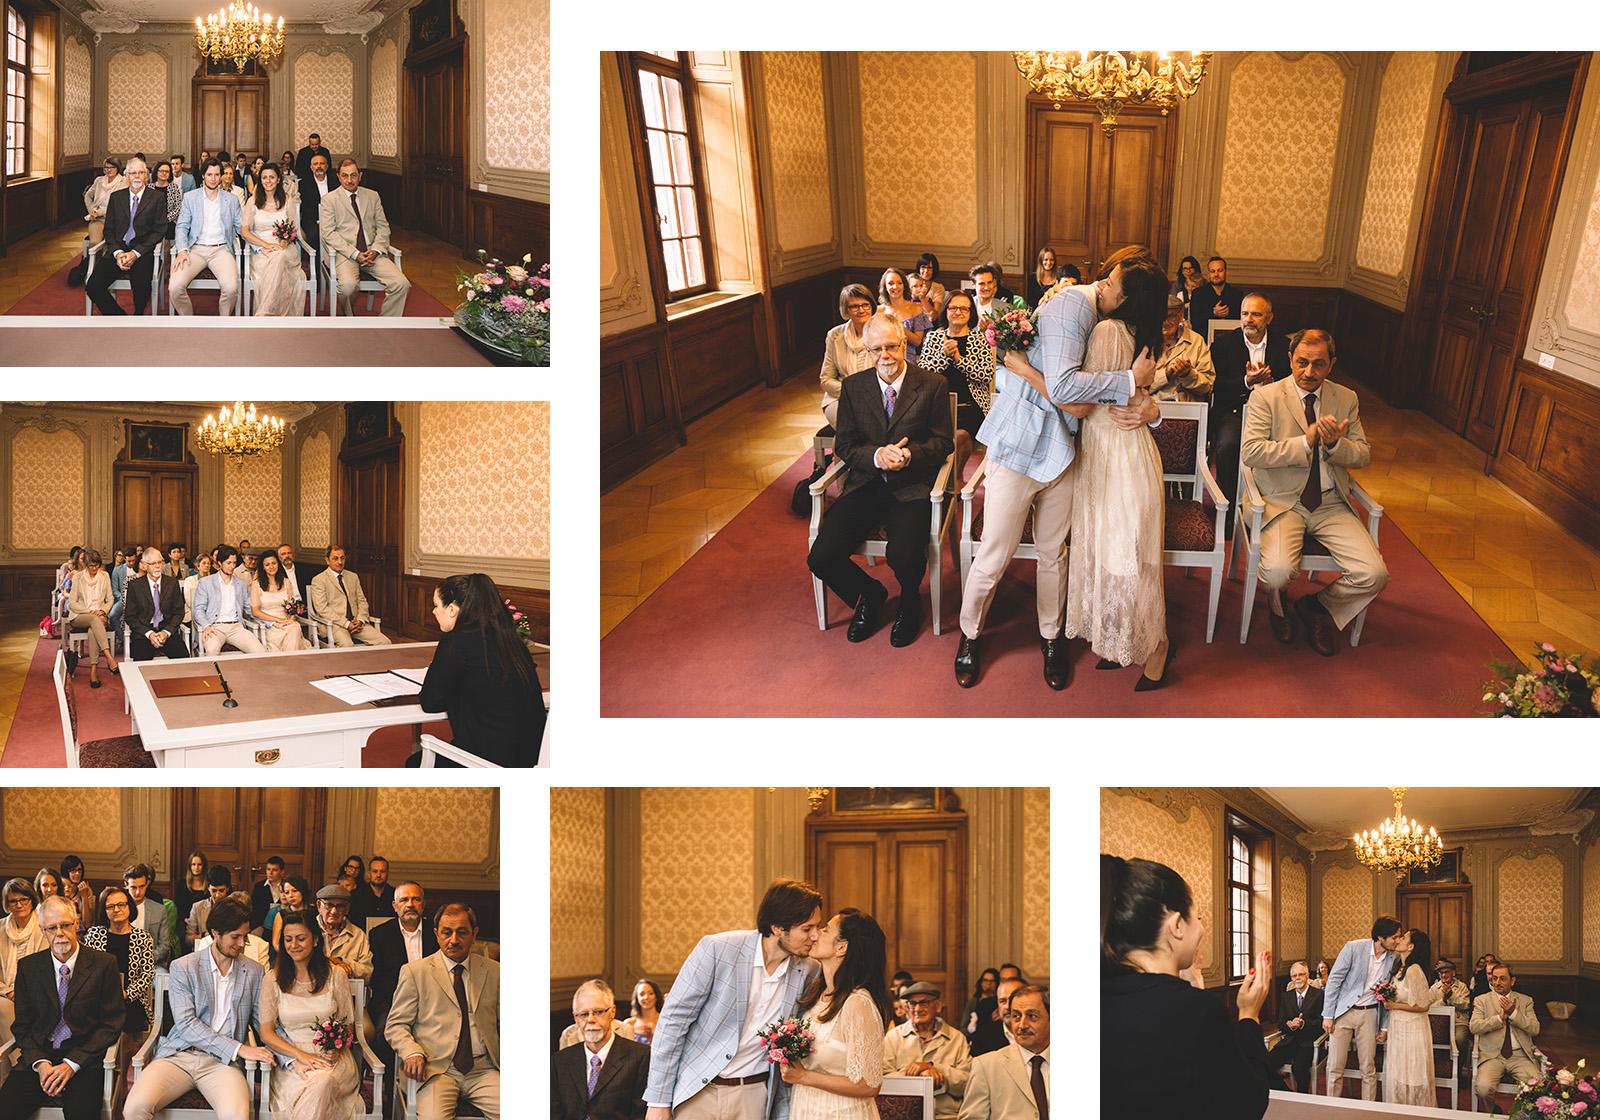 Basel İsviçre Nikah Düğün Fotoğrafı